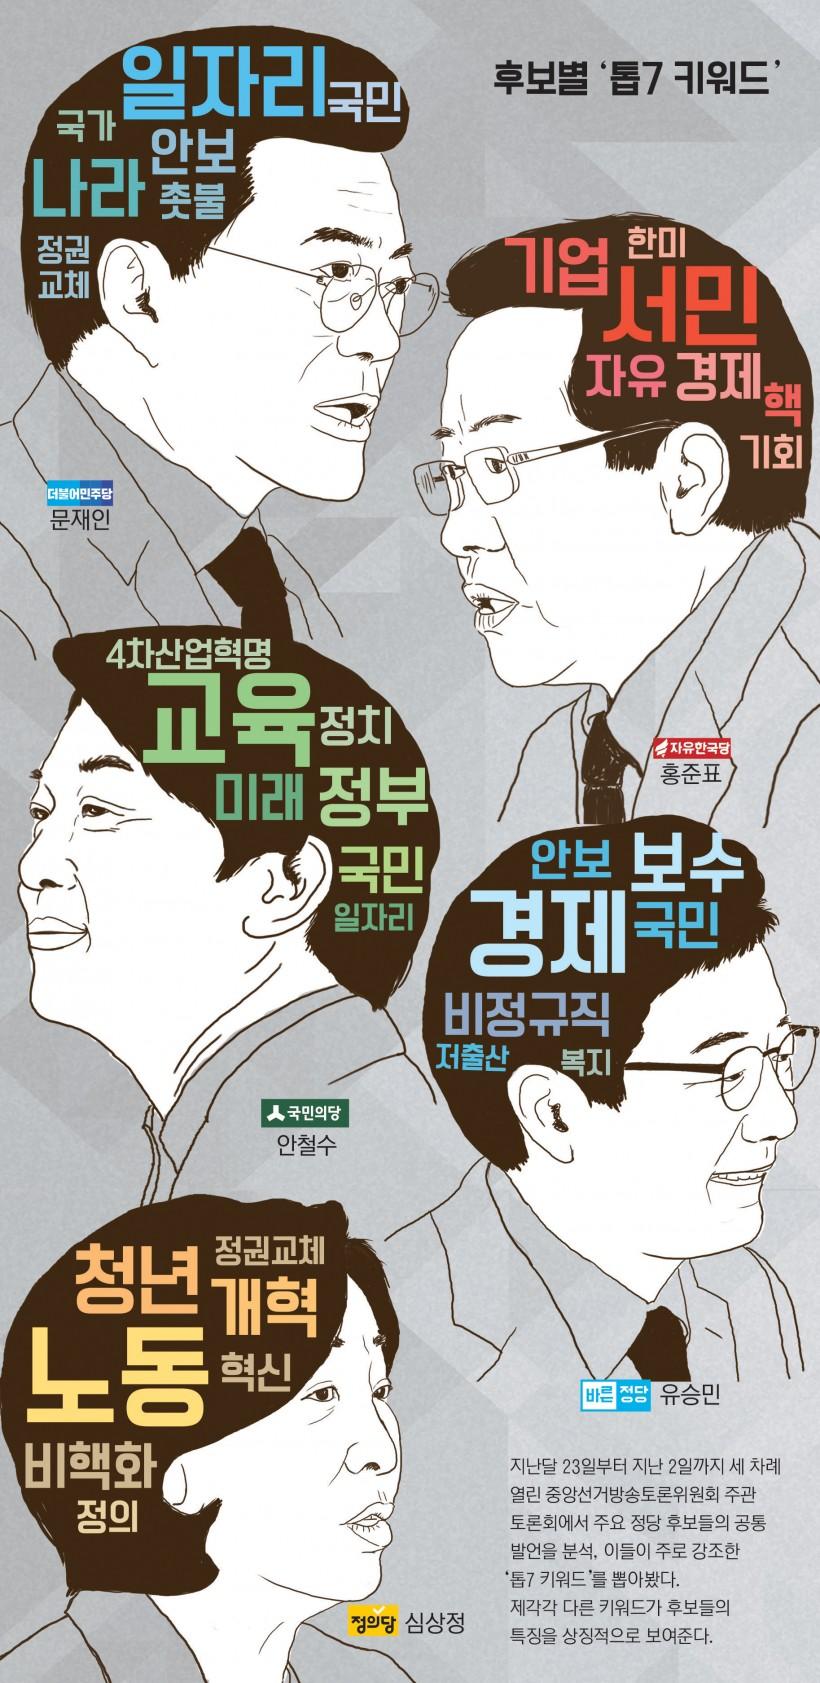 [뉴스분석]대선 후보들이 강조한 키워드 7